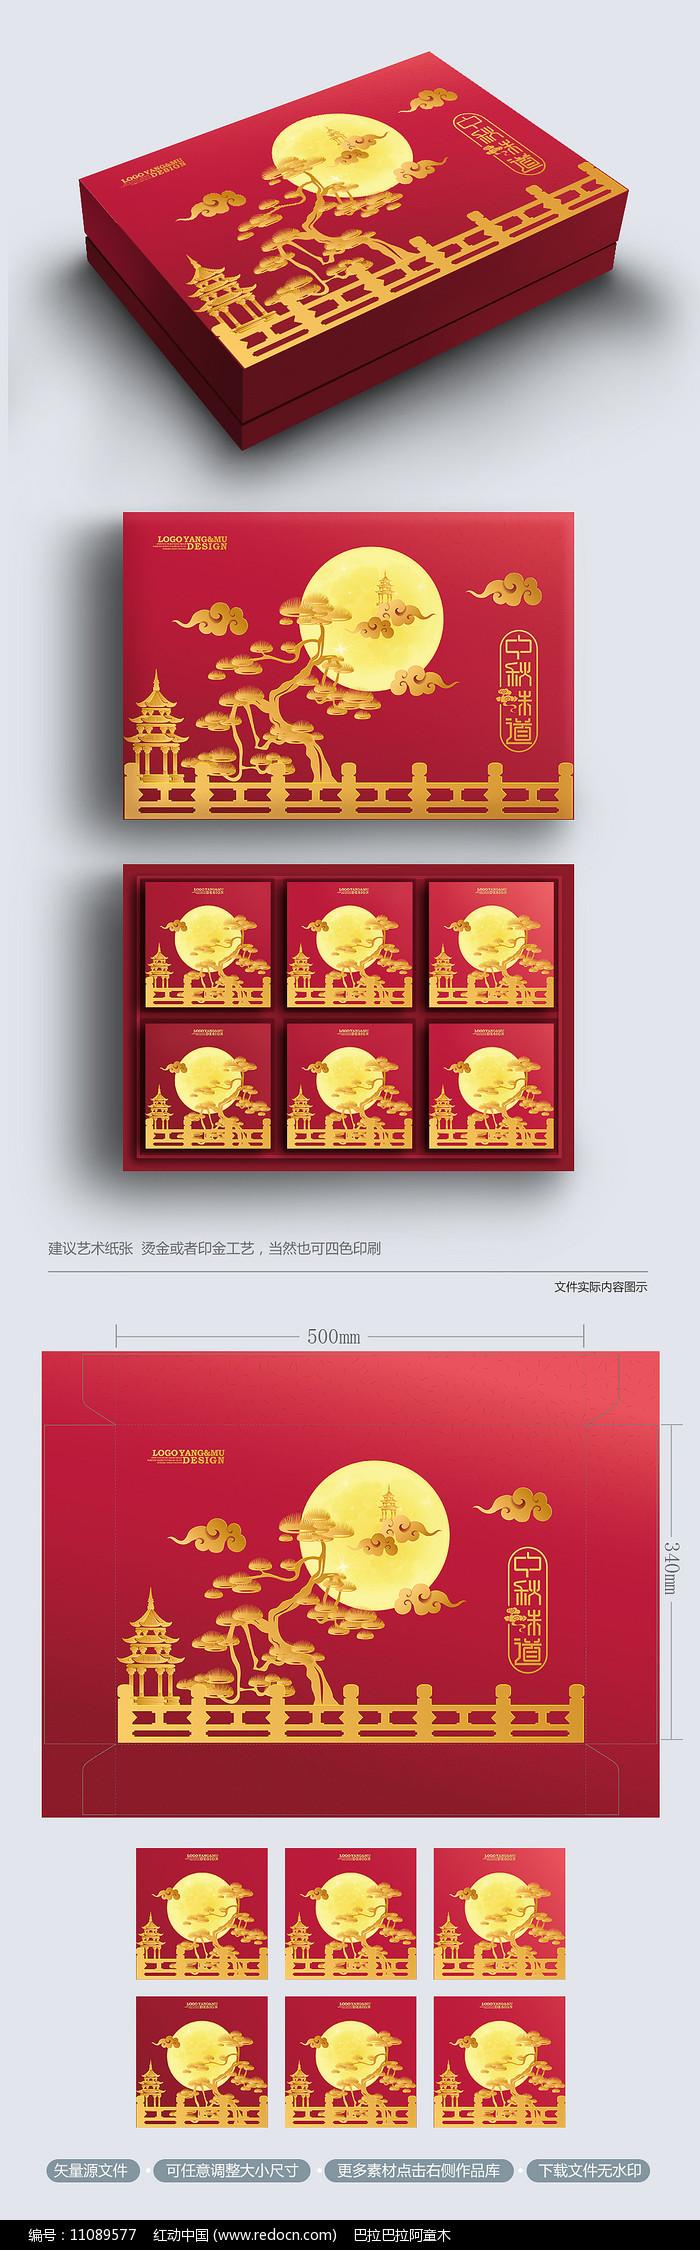 华丽高端中秋月饼包装礼盒设计图片